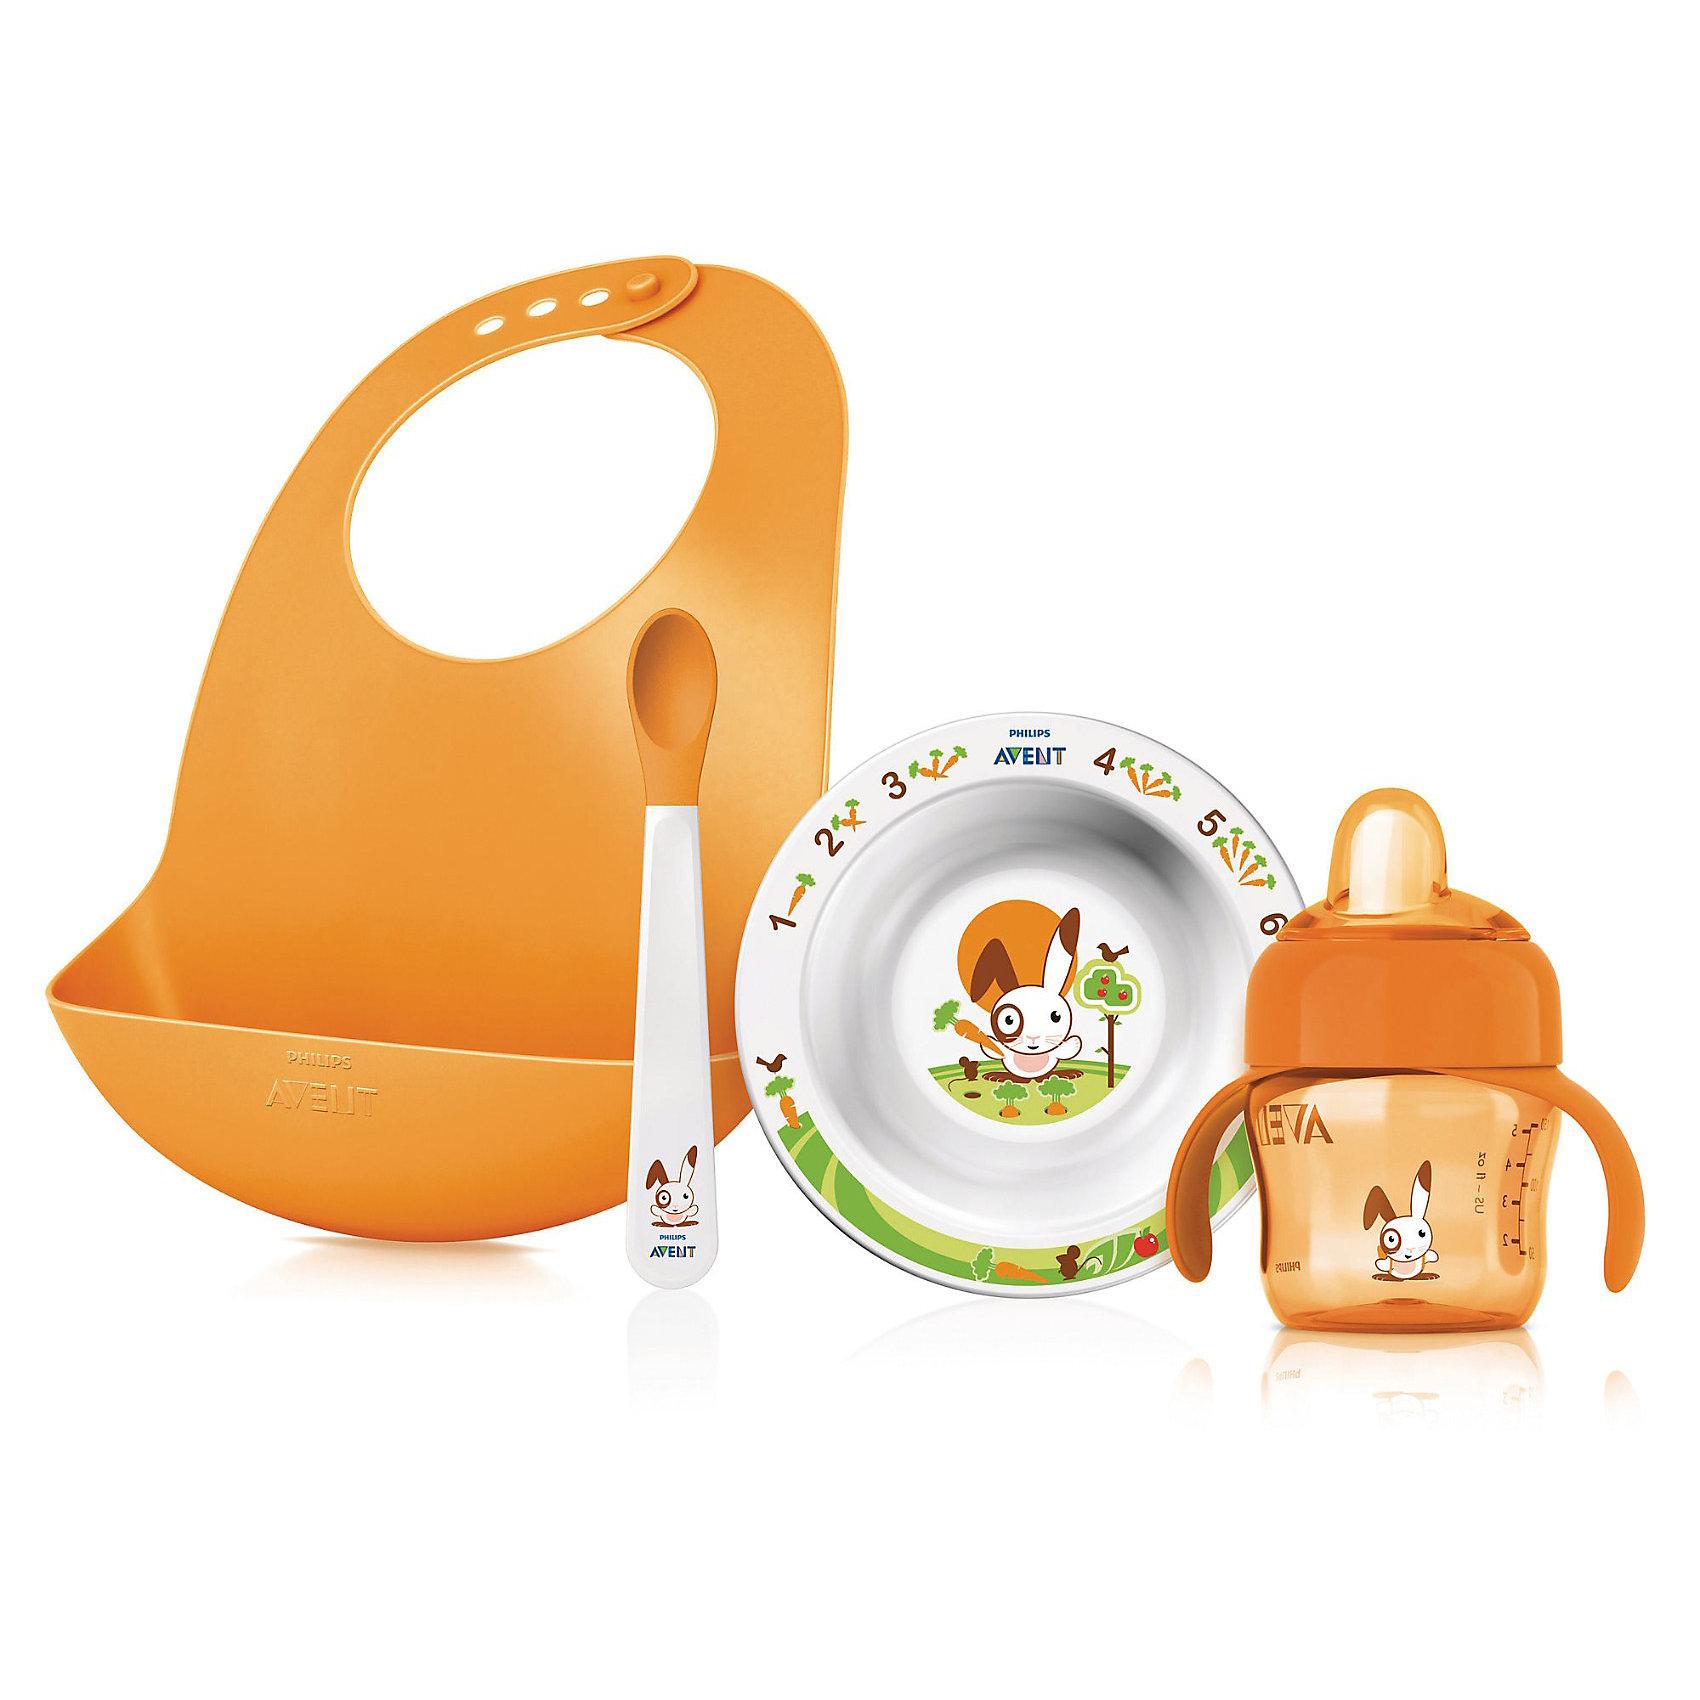 Подарочный набор для кормления SCF730/00, AVENTПосуда для малышей<br>Подарочный набор для кормления SCF730/00 от Philips AVENT (Авент) - все, что нужно для кормления Вашего малыша!<br><br>Полный комплект для всех этапов развития малыша!<br><br>- Специальный кармашек на нагруднике собирает все крошки и упавшие кусочки<br>- Нескользящие ручки — чашку удобно держать, не боясь, что она соскользнет<br>- Мягкий носик для простого перехода от груди или бутылочки к чашке<br>- Клапан против проливания — идеально для дома и поездок<br>- Защелкивающийся колпачок для гигиеничности<br>- Нескользящее основание предотвращает проливание<br>- Мягкие края ложки не ранят десны малыша<br><br>В комплект входят:<br>• Нагрудник: 1 шт.<br>• Маленькая тарелка: 1 шт.<br>• Ложка: 1 шт.<br>• Чашка с носиком 200 мл: 1 шт.<br><br>Дополнительная информация:<br><br>- Без бисфенола-А<br>- Подходит для микроволновой печи (без столовых приборов)<br><br>Ширина мм: 89<br>Глубина мм: 224<br>Высота мм: 296<br>Вес г: 3432<br>Возраст от месяцев: 0<br>Возраст до месяцев: 36<br>Пол: Унисекс<br>Возраст: Детский<br>SKU: 3288981